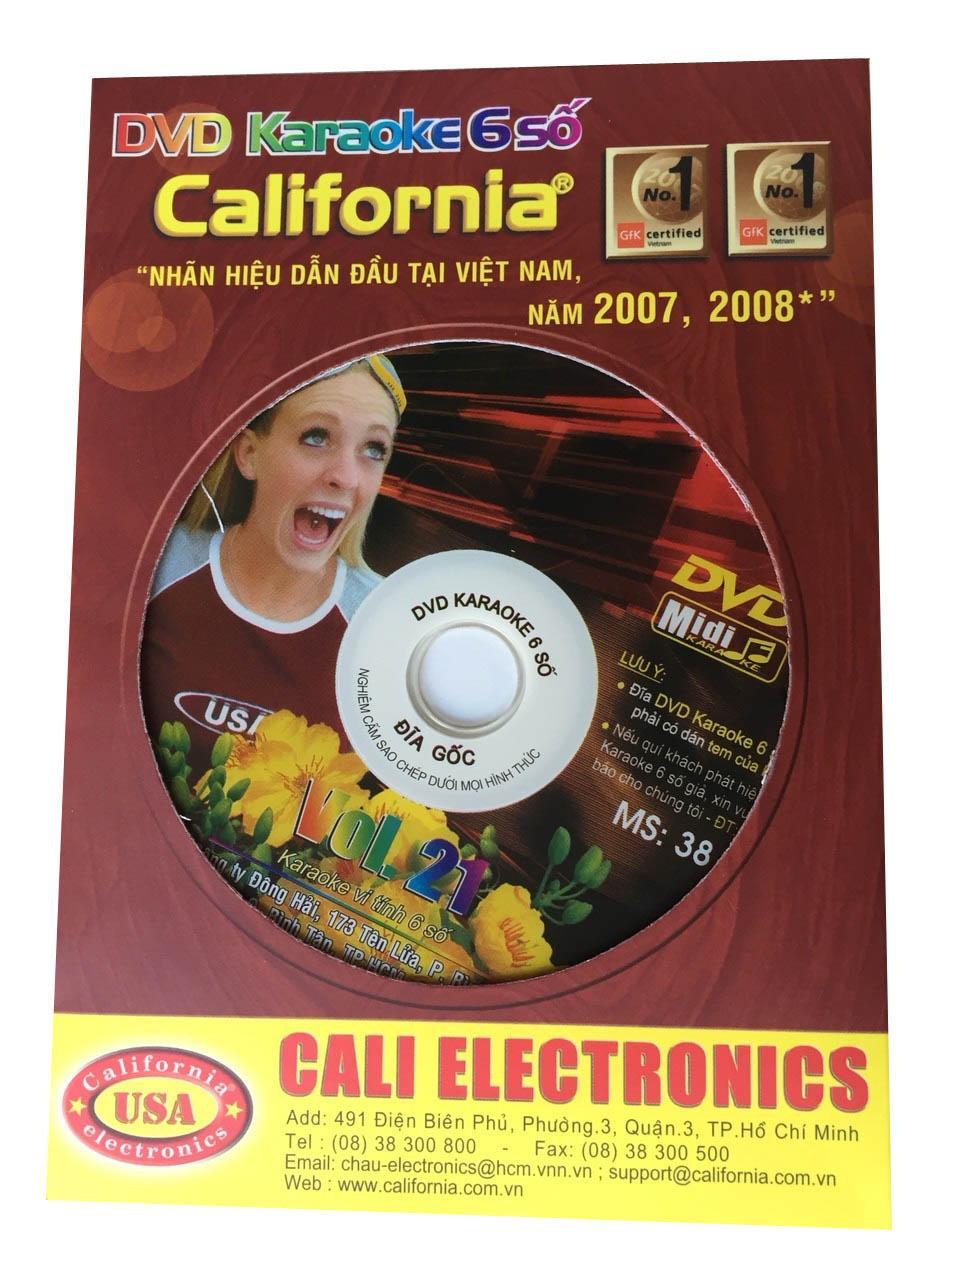 Đĩa Karaoke 6 số California Vol 21 - MS 38 (Hình 1 cô gái Mỹ) + Sách List nhạc